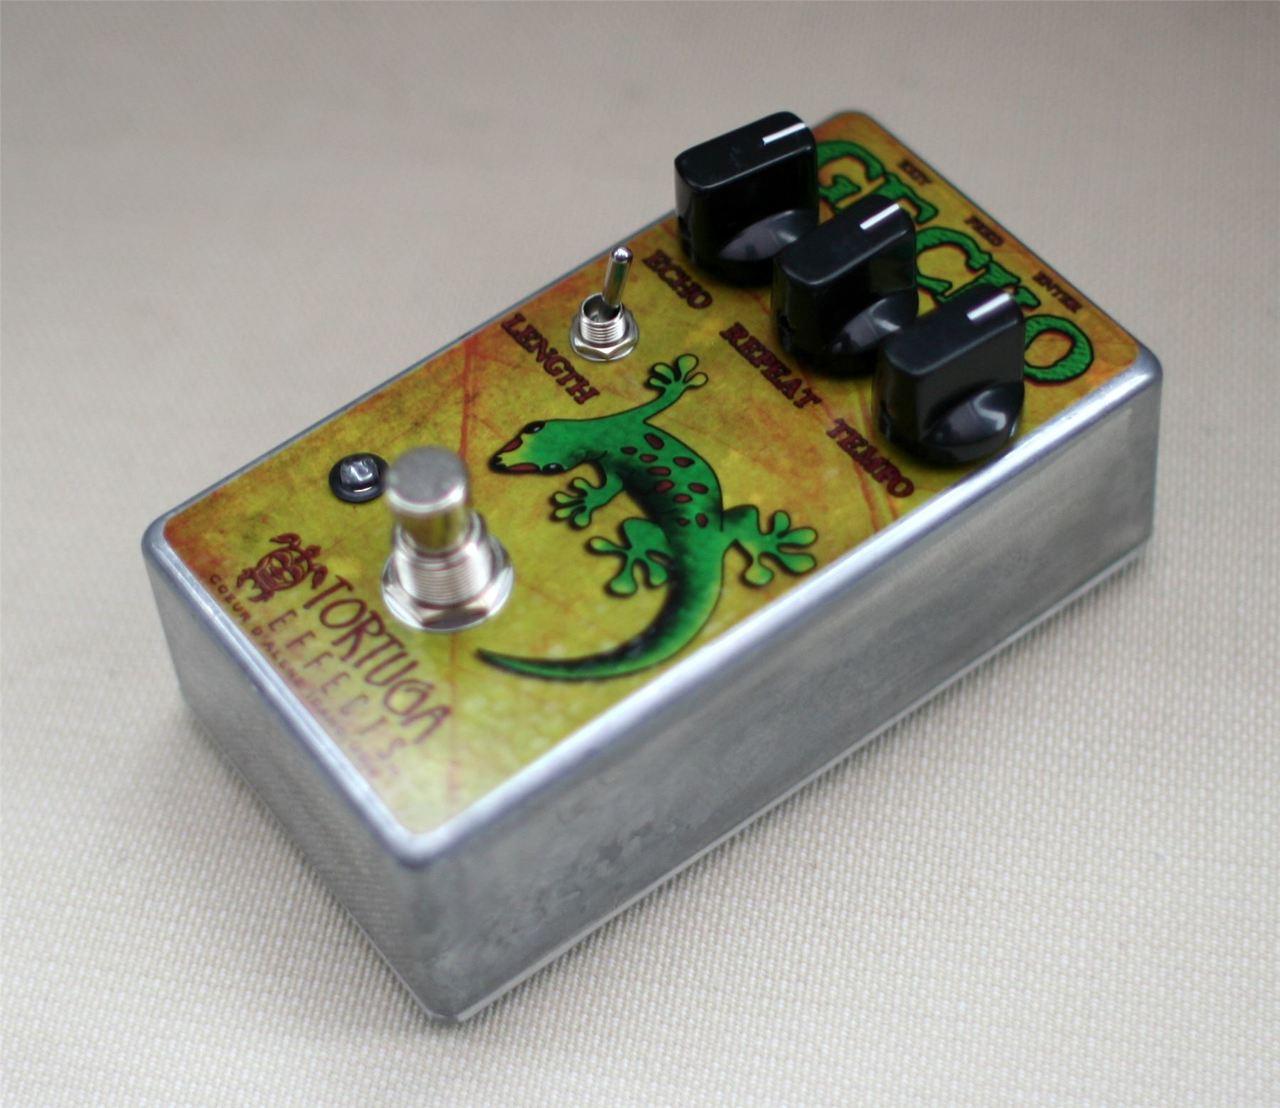 Tortuga Effects Gecko Echo / Delay pedal